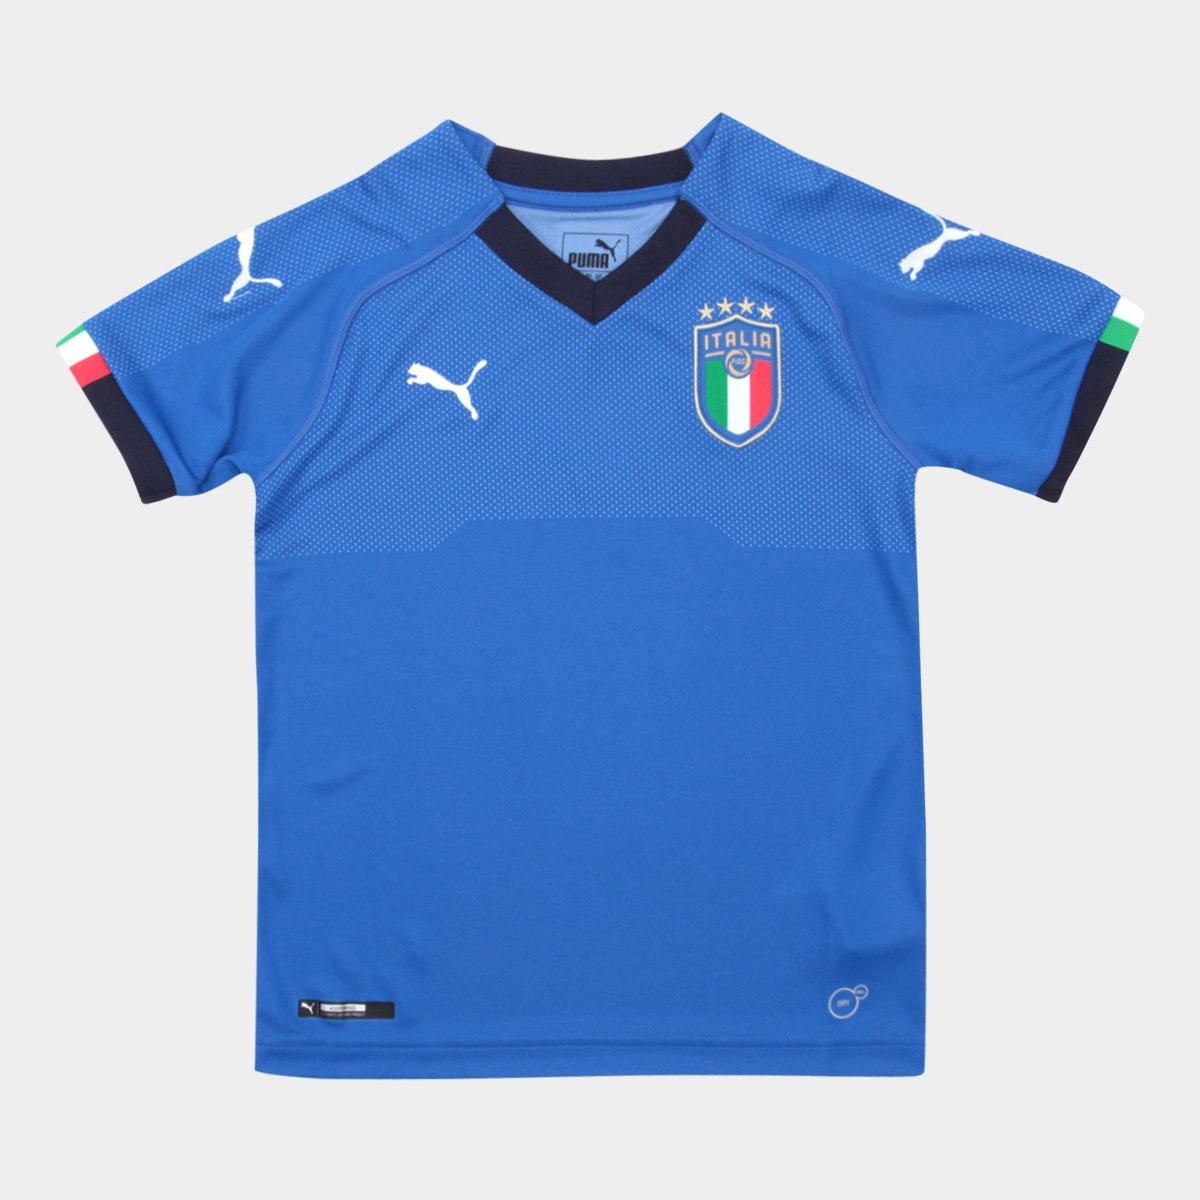 Camisa Itália Home Puma 2018-19